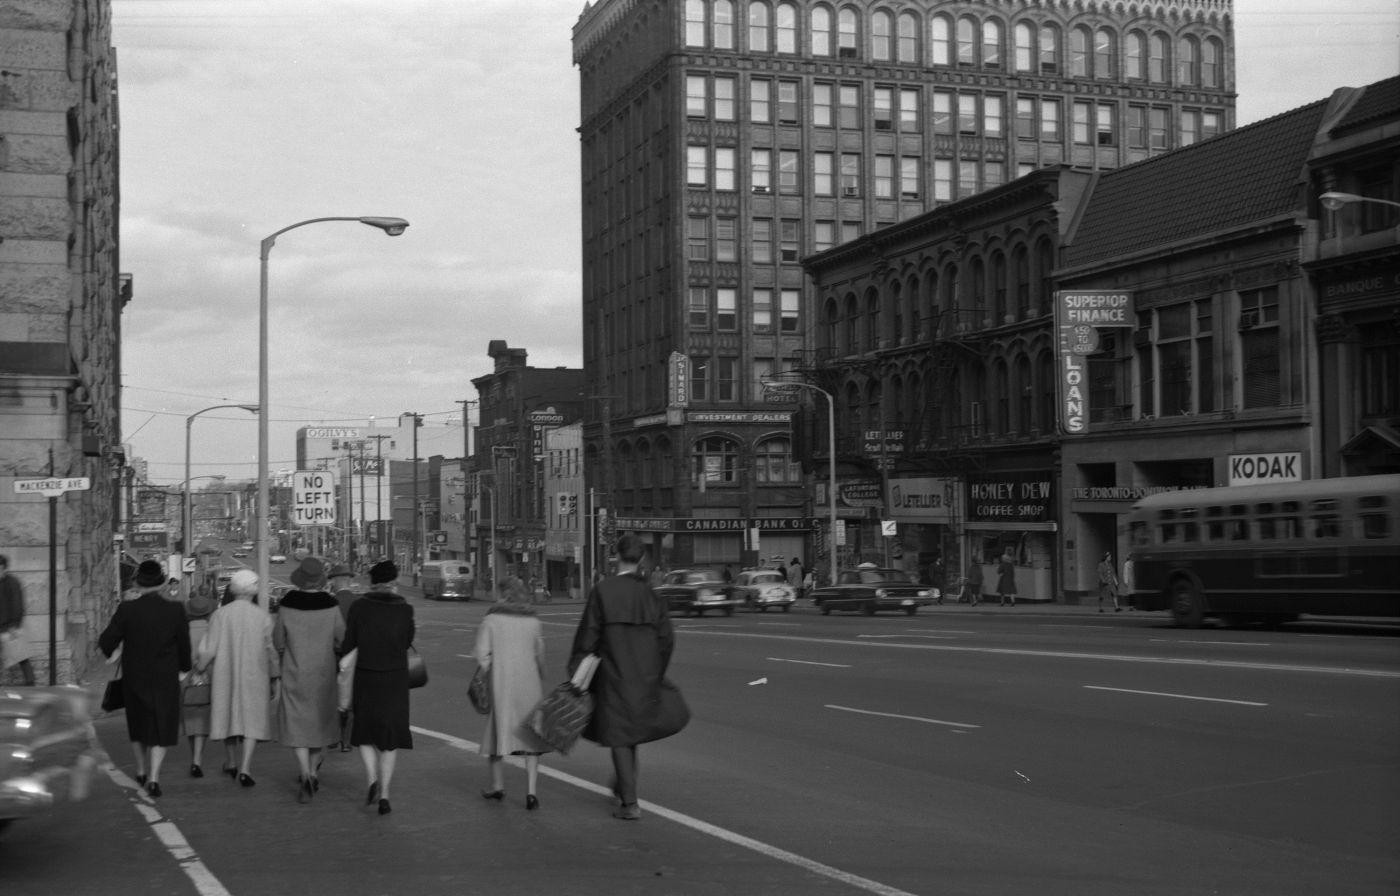 Photographie en noir et blanc d'une rue passante avec édifices de plusieurs étages et panneaux publicitaires. À l'avant-plan, un groupe de piétons bien mis traverse une rue transversale.